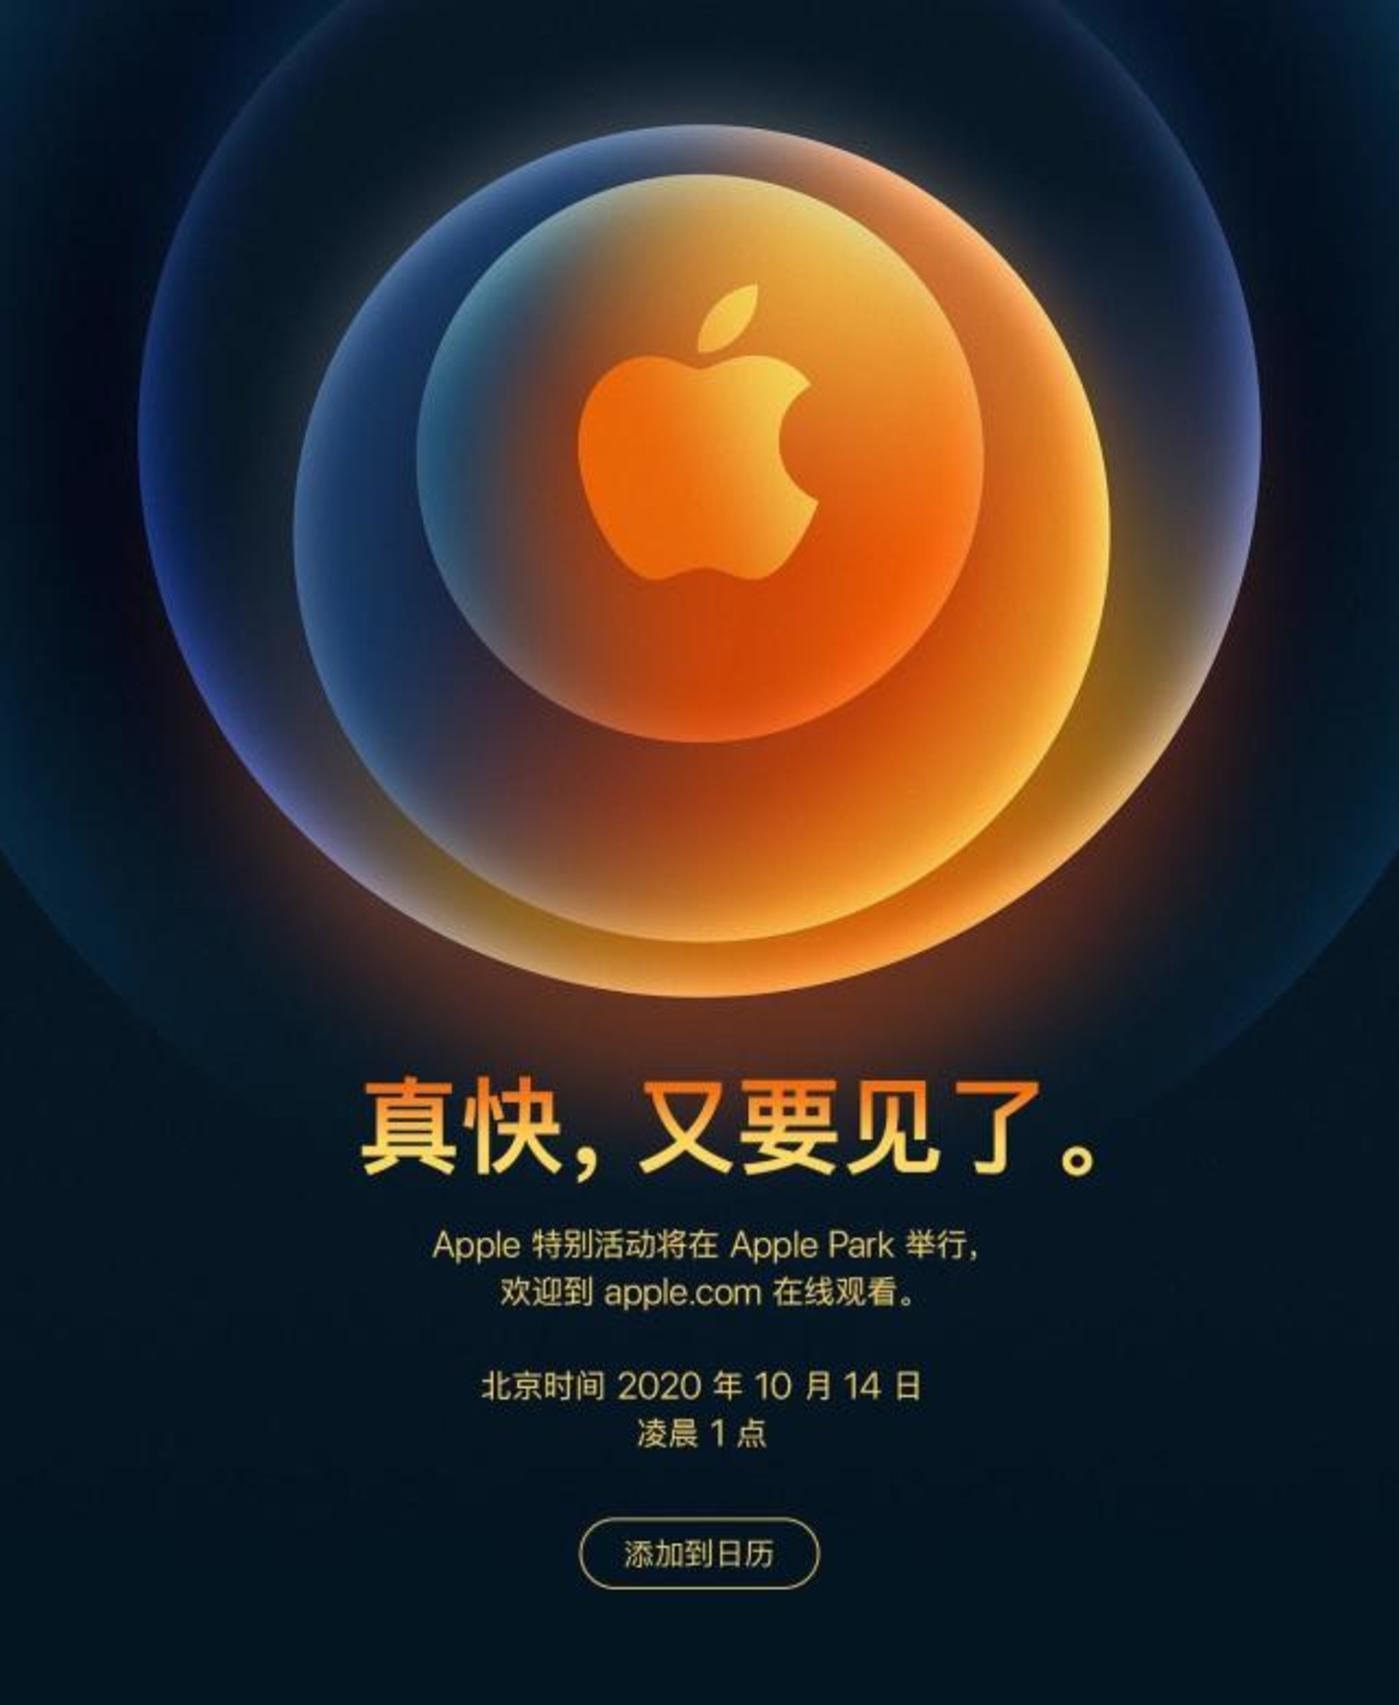 苹果官宣发布会海报